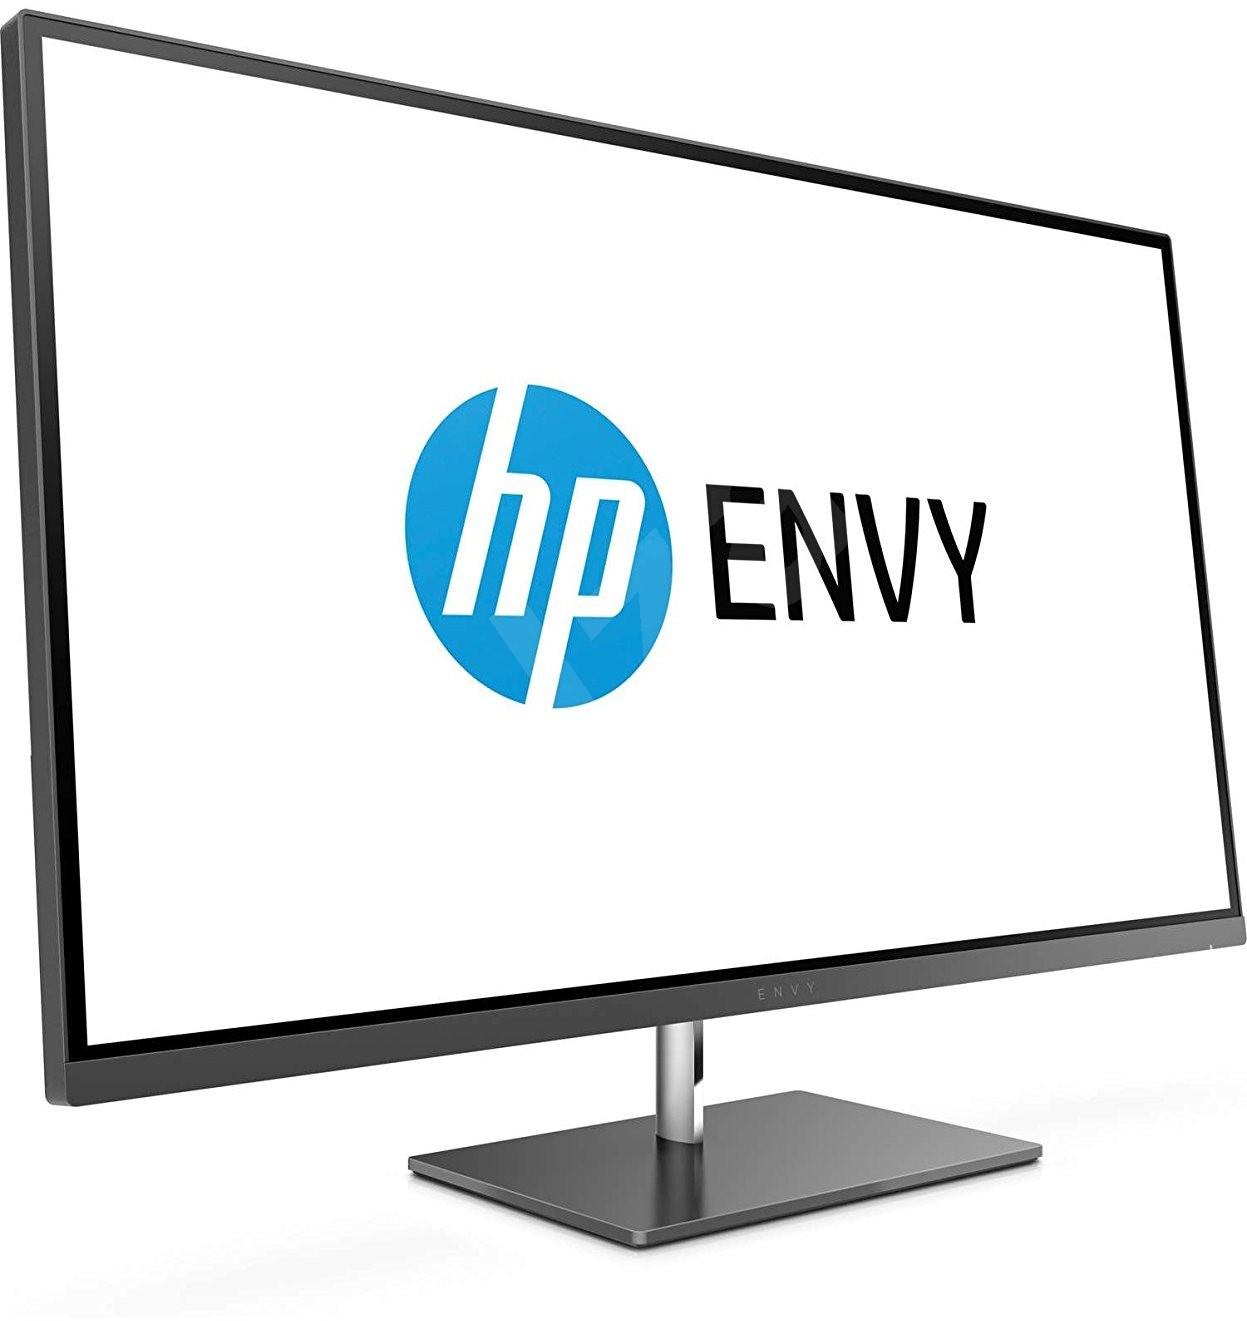 27 hp envy led monitor. Black Bedroom Furniture Sets. Home Design Ideas